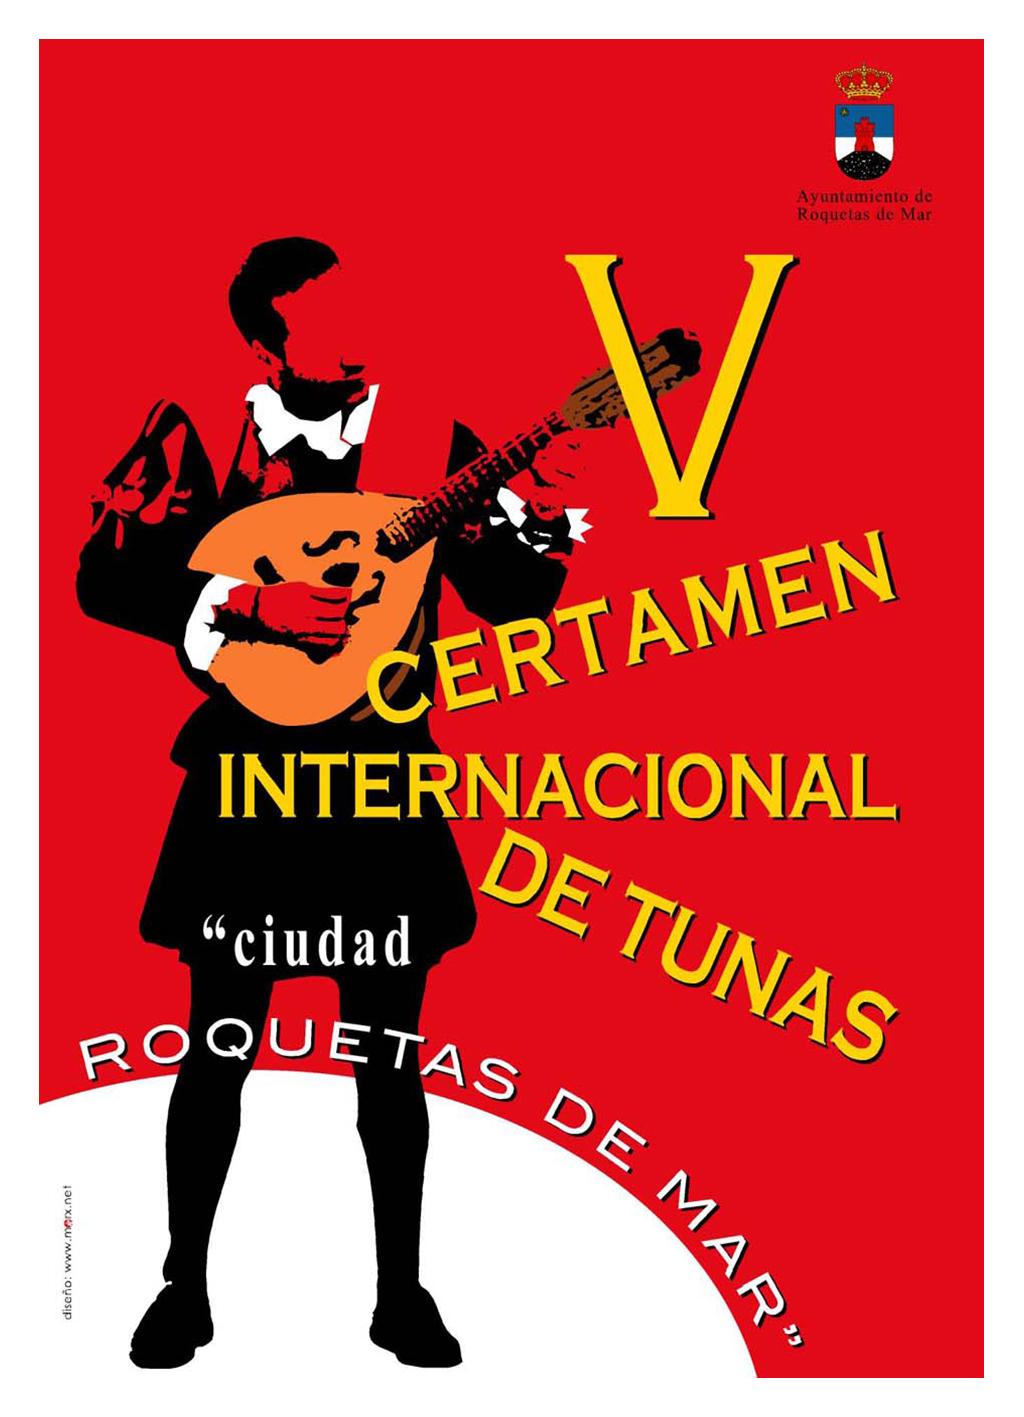 Cartel para el V certamen de Tunas.